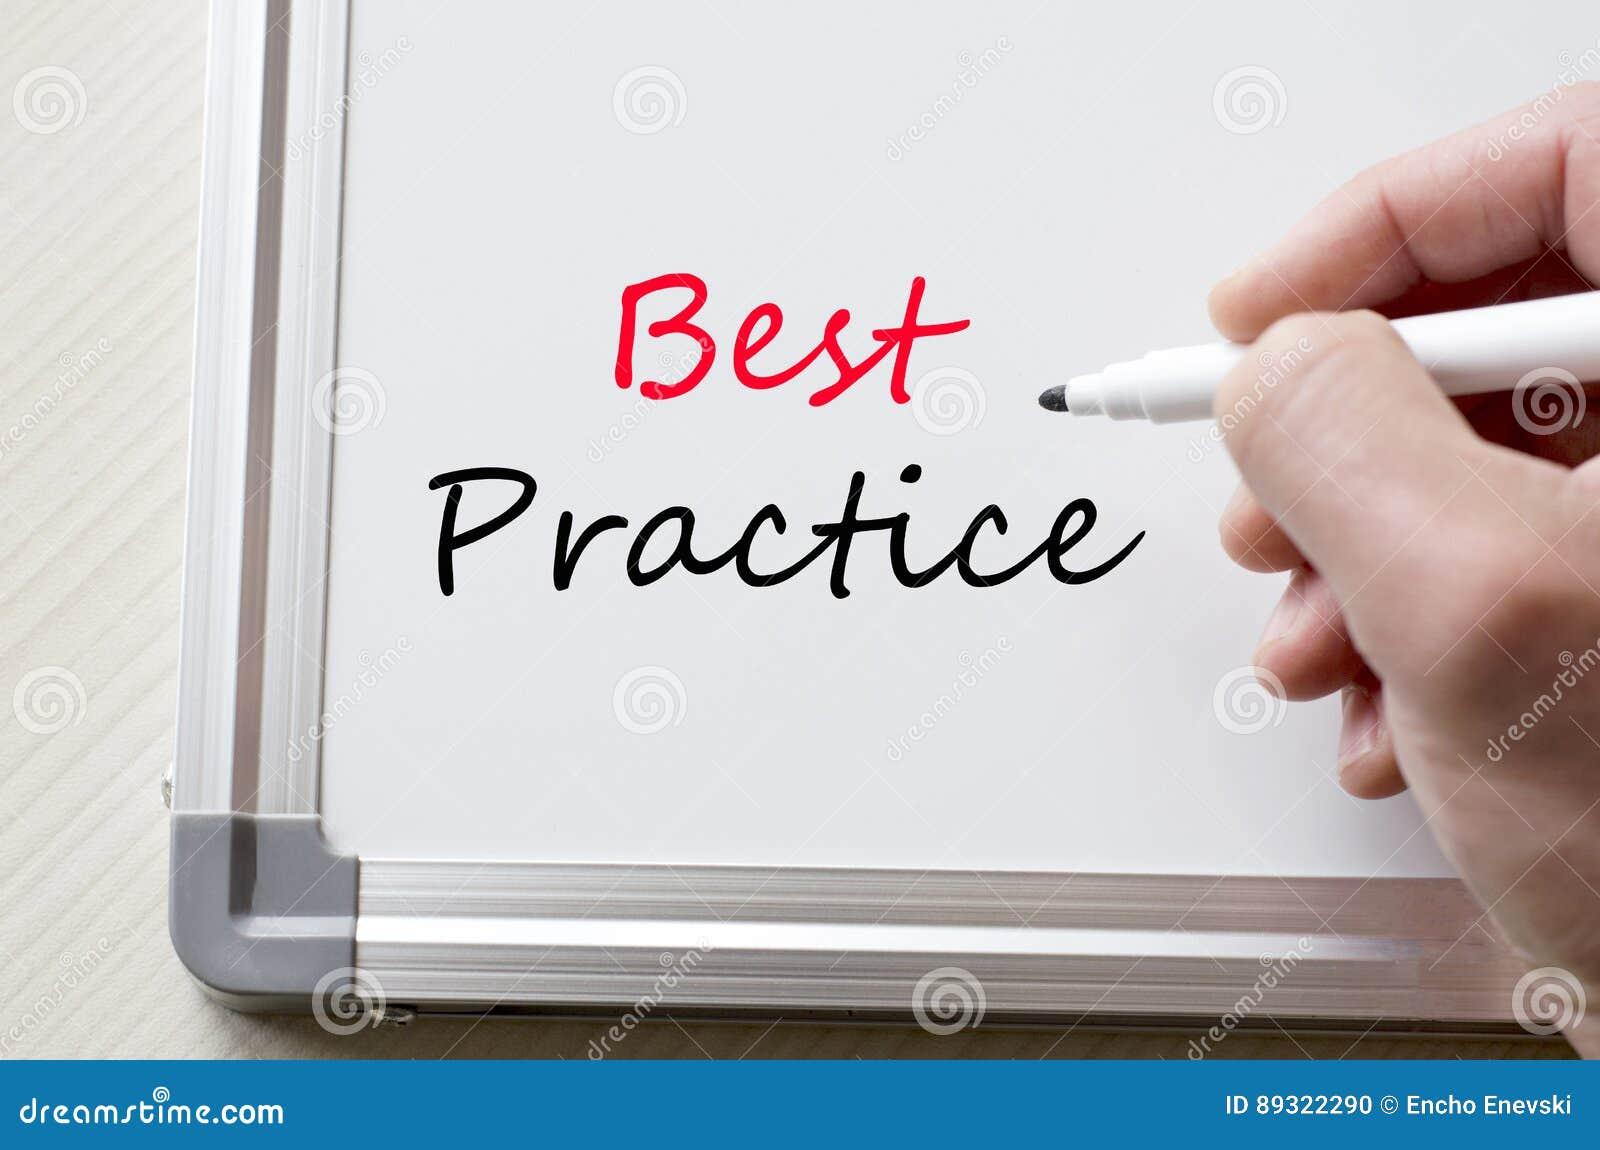 Best practice written on whiteboard